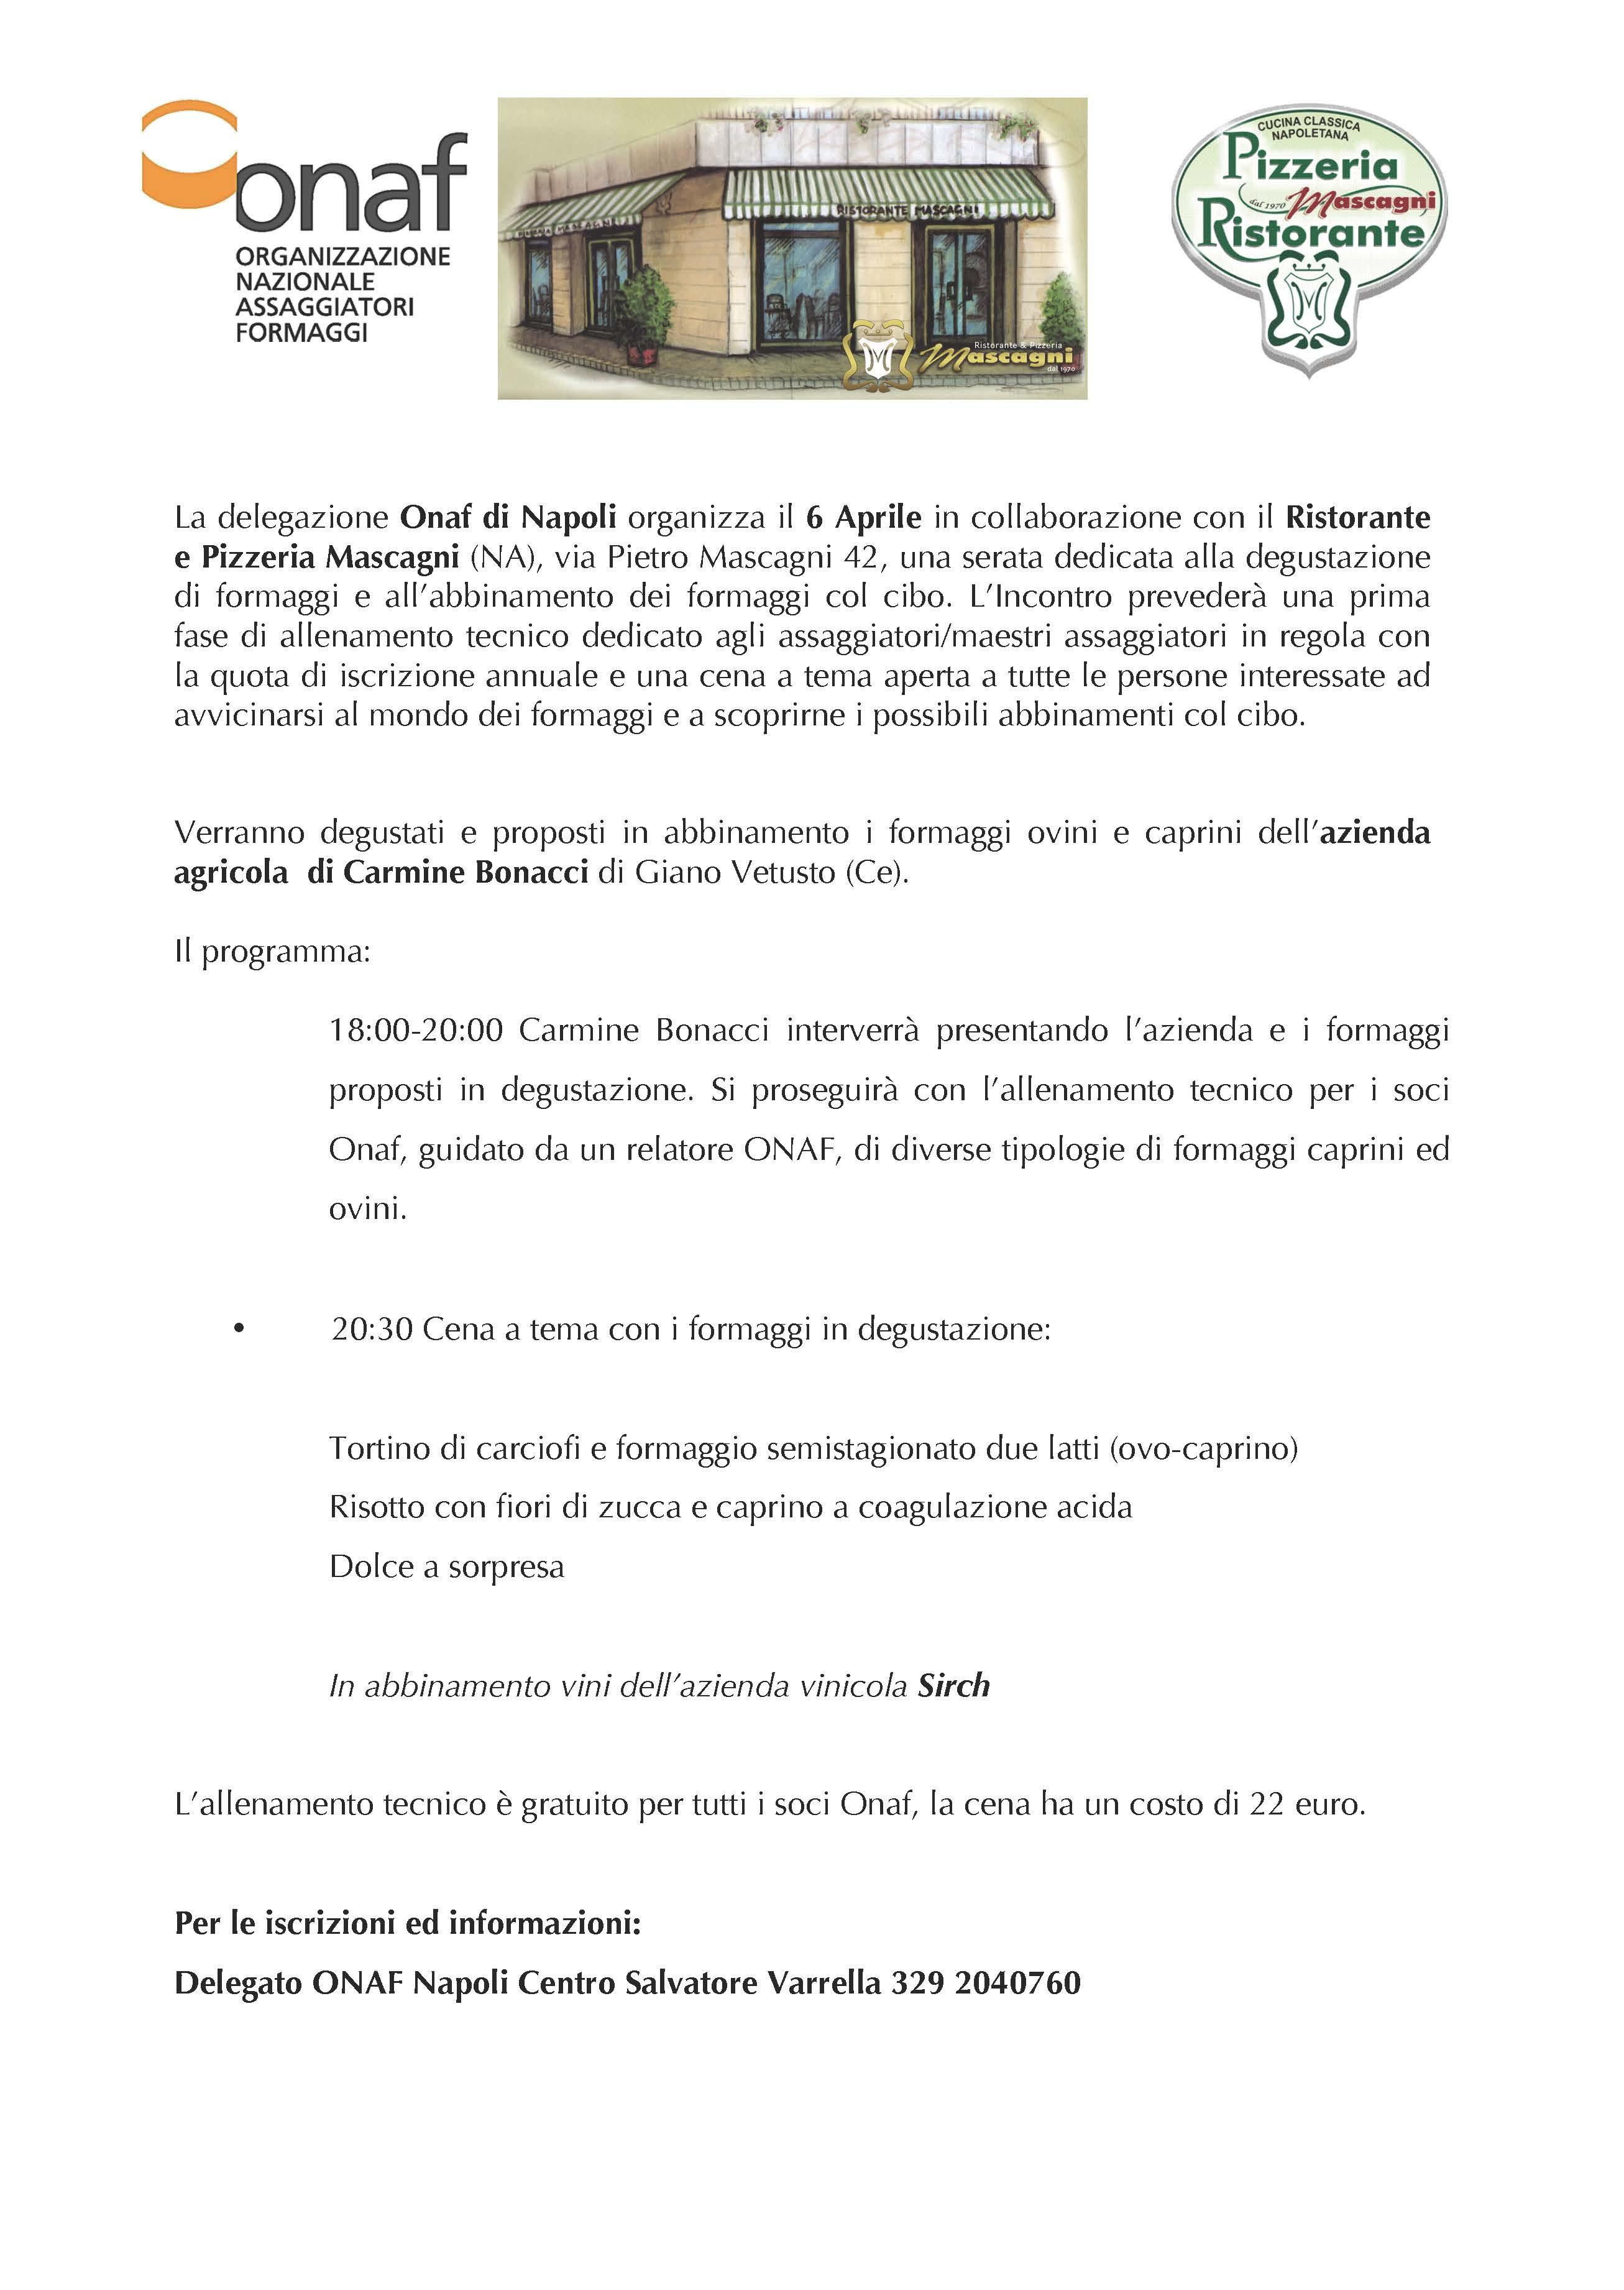 Degustazione 6 Aprile presso Ristorante Pizzeria  Mascagni